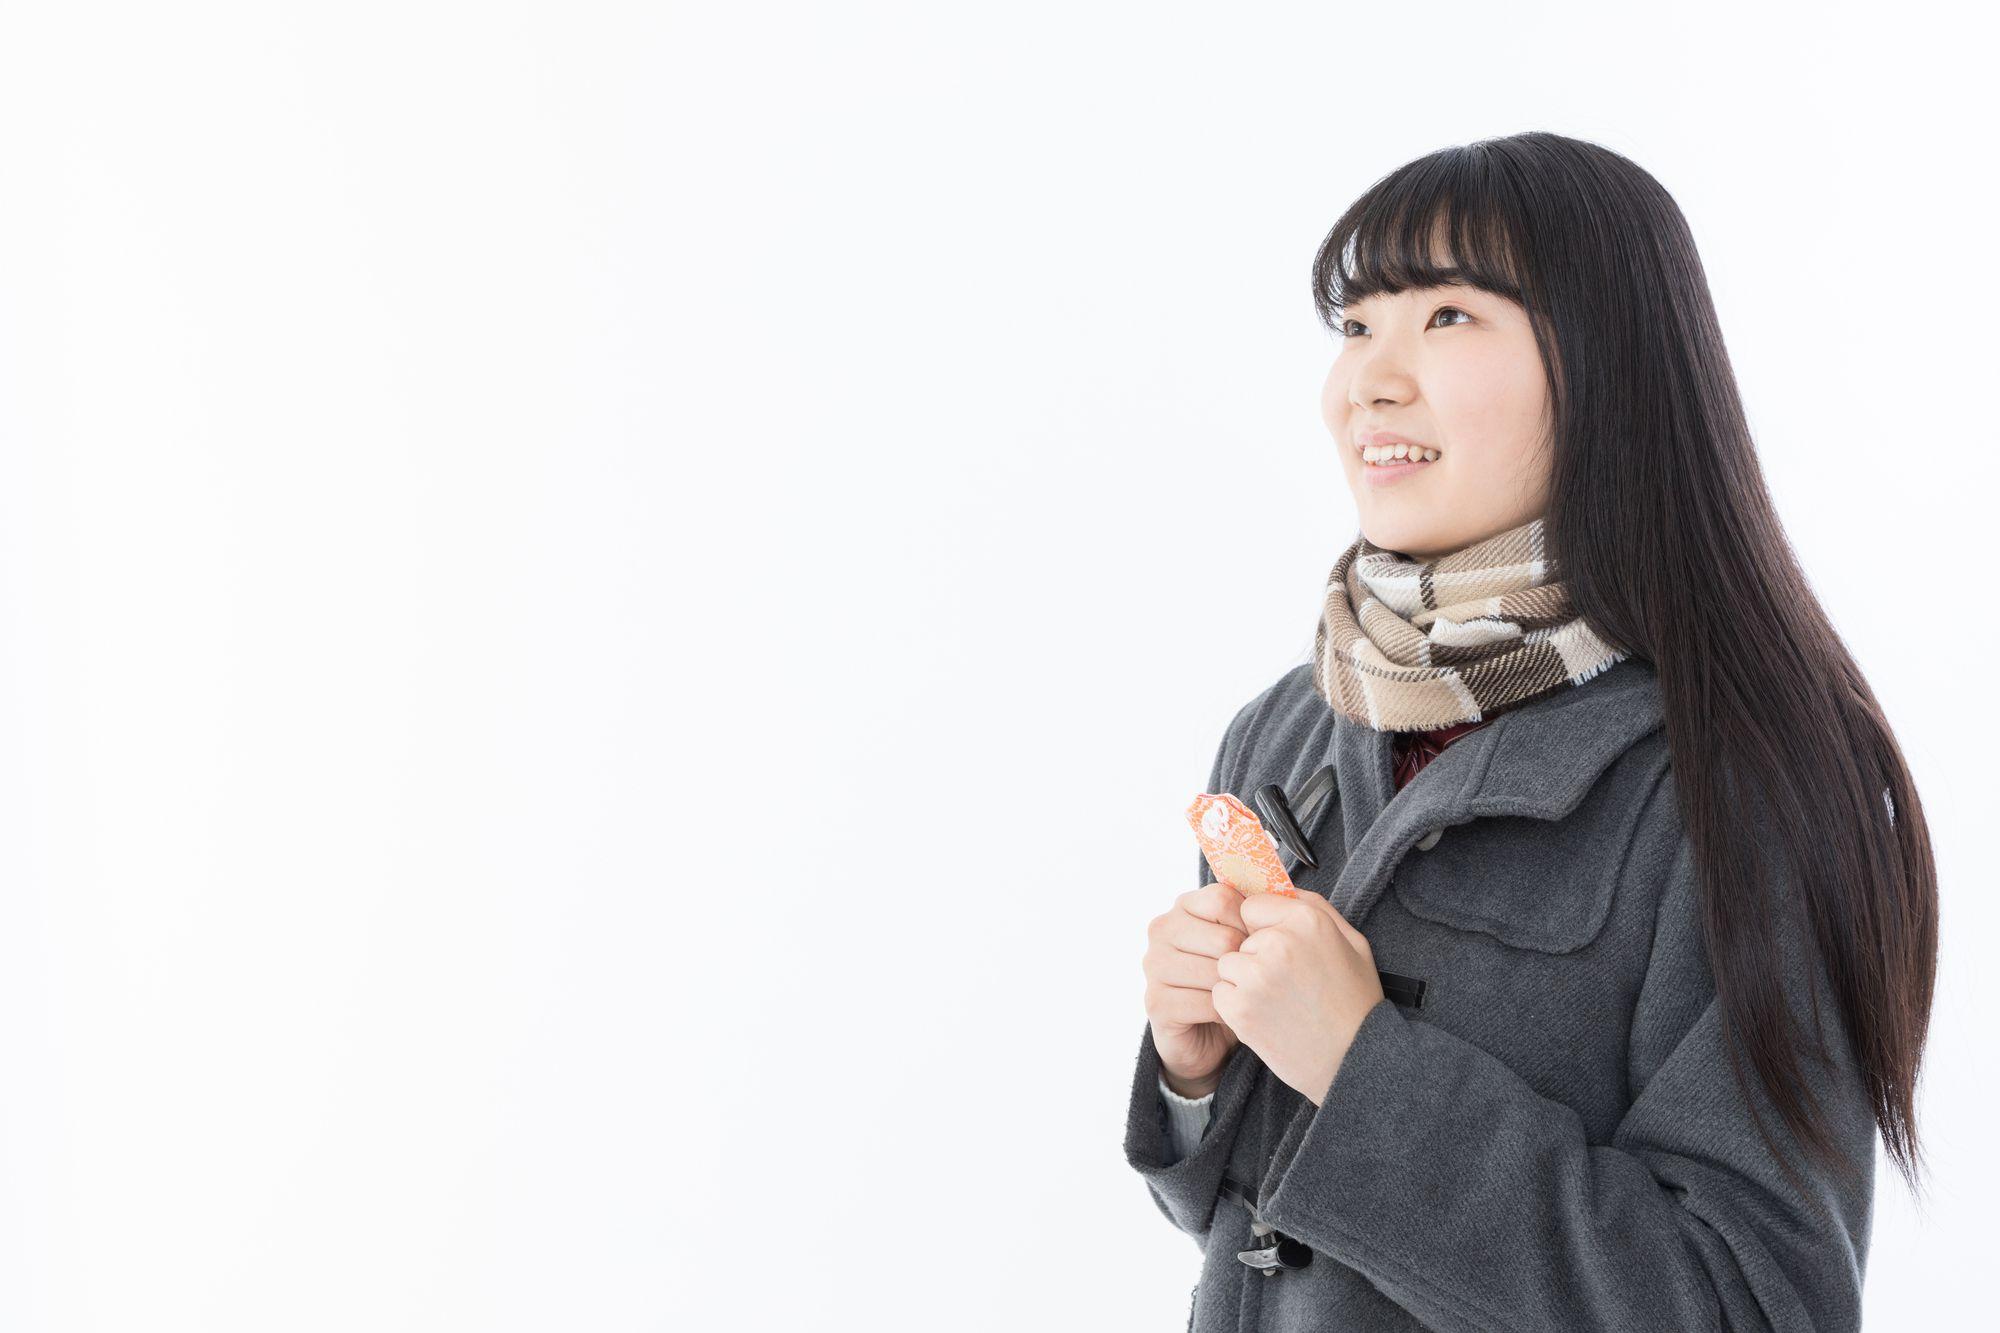 大阪の声優養成所に合格する倍率はどのくらい?